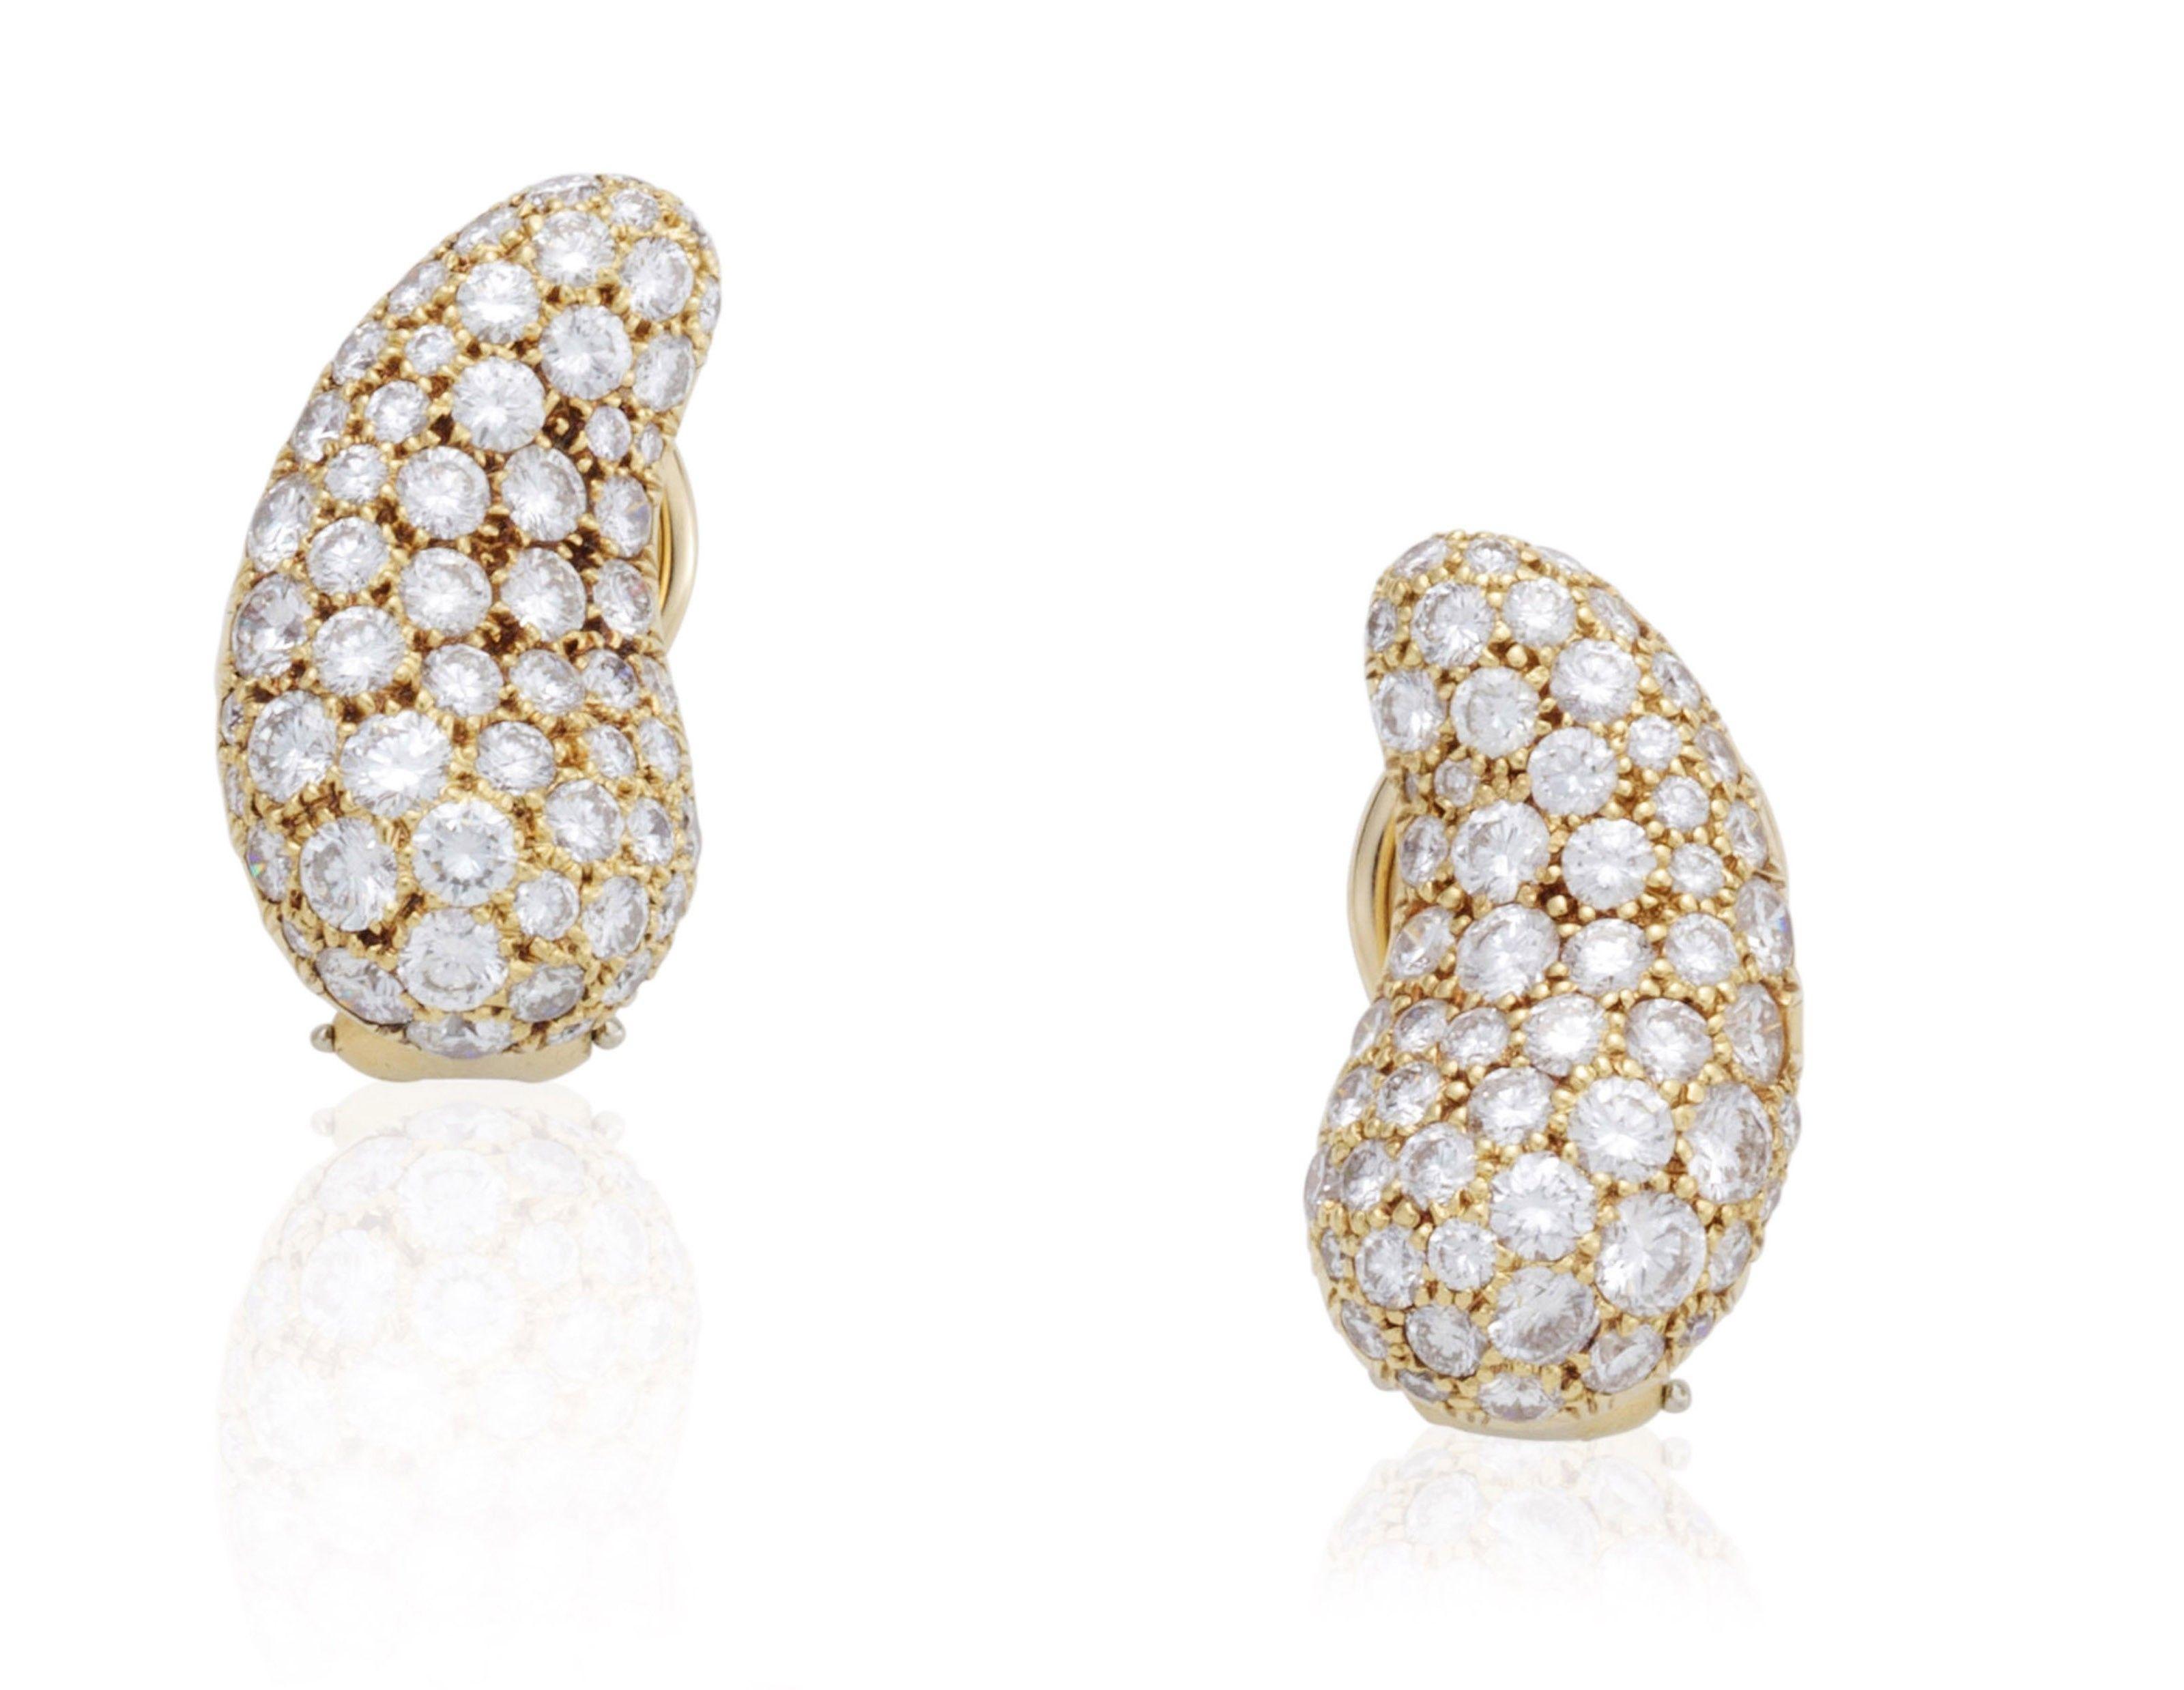 Tiffany & co elsa peretti teardrop diamond earrings